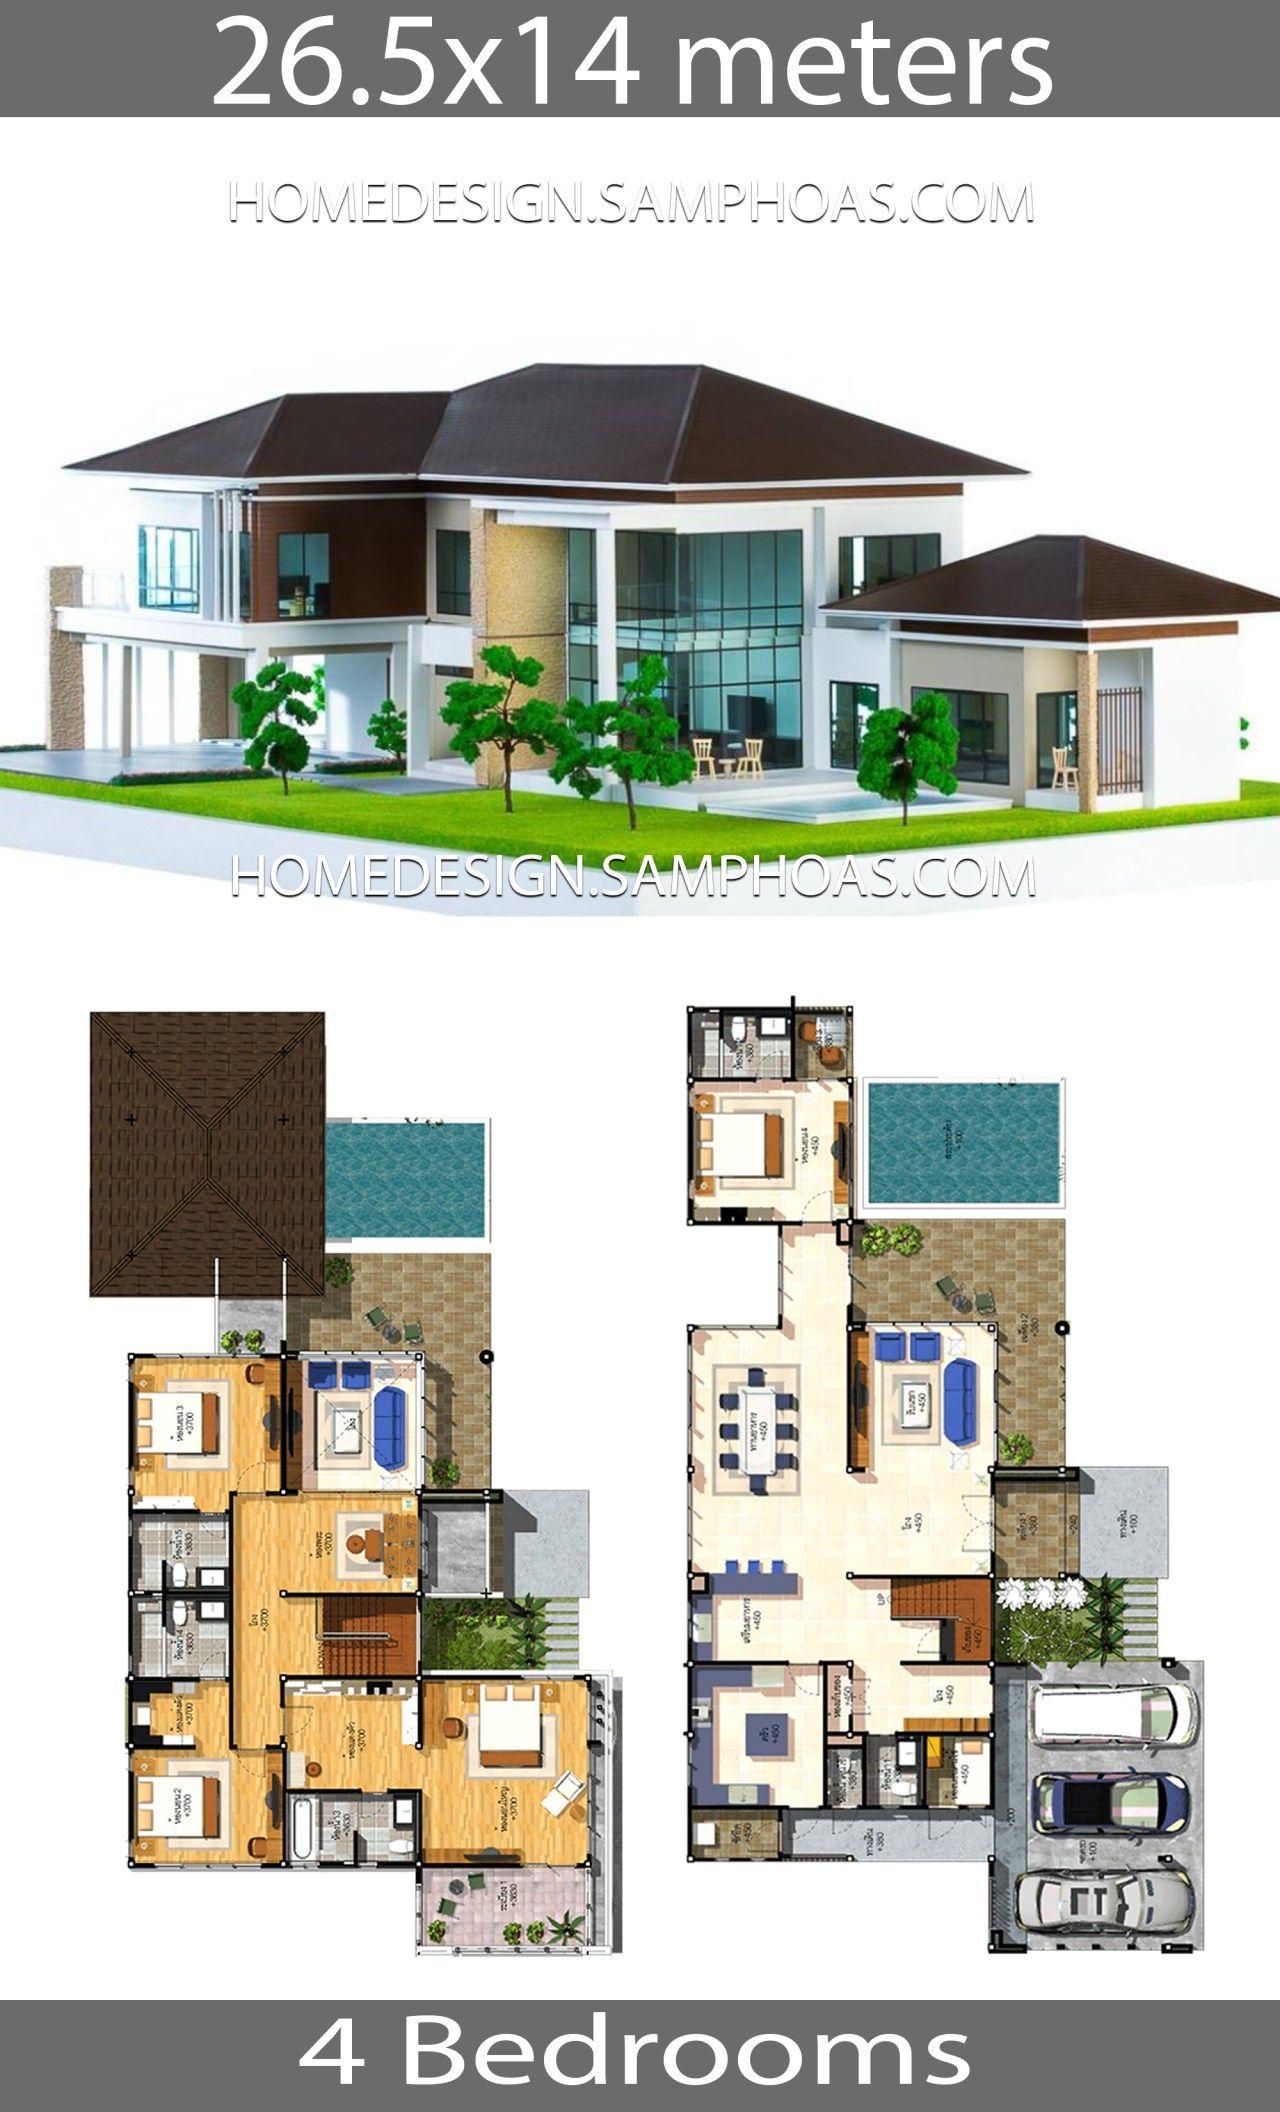 House Plans Idea 26 5x14 With 4 Bedrooms Projetos De Casas Terreas Projetos De Casas Plantas De Casas